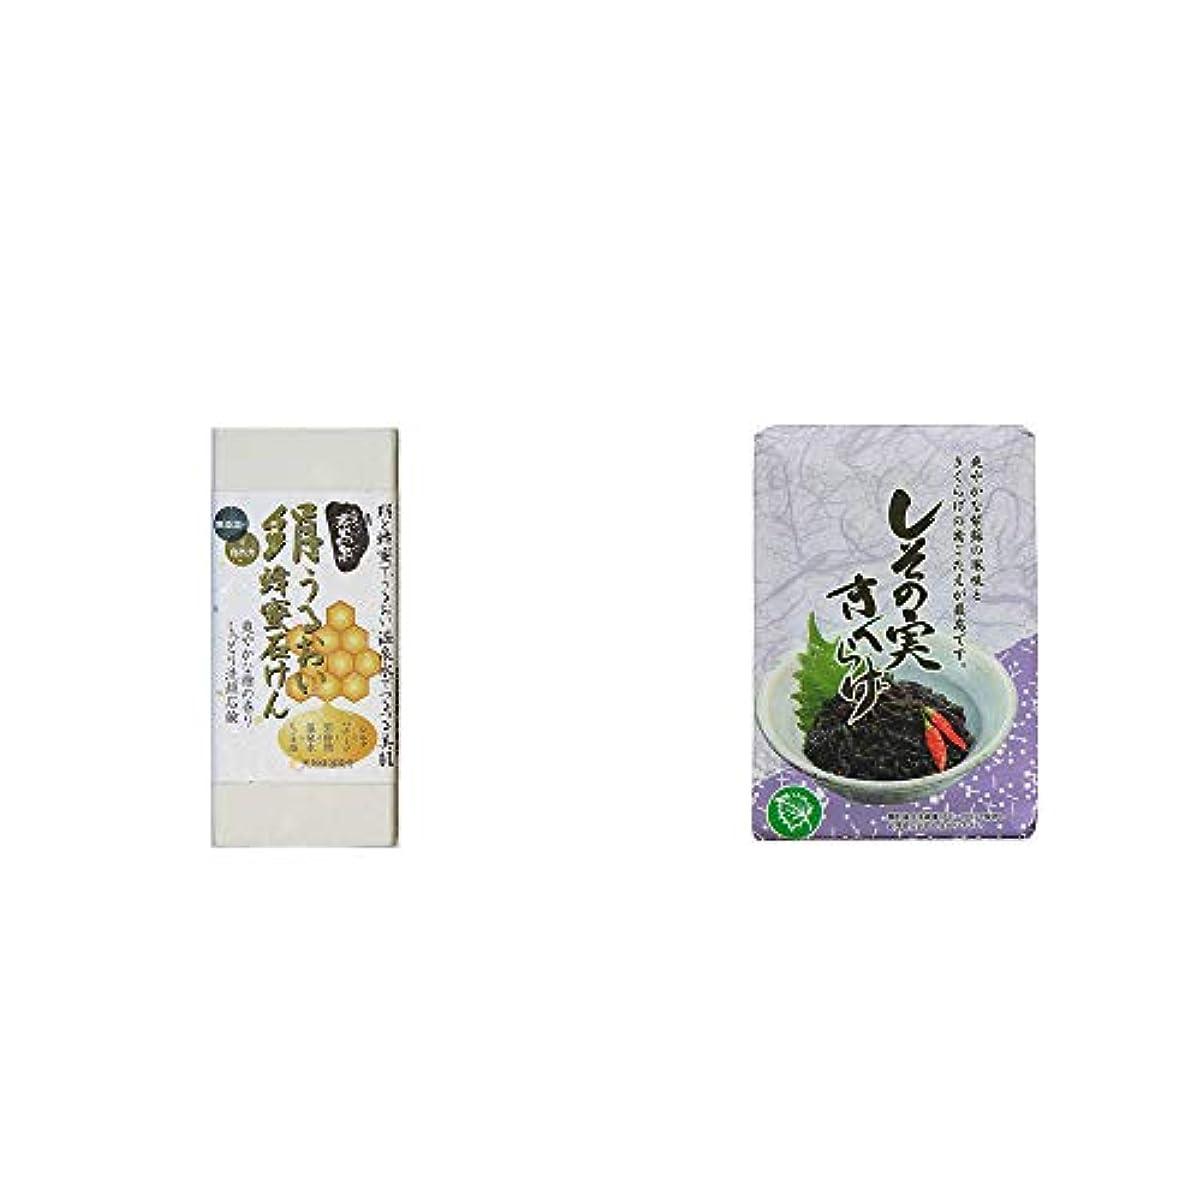 洗剤ヒュームパック[2点セット] ひのき炭黒泉 絹うるおい蜂蜜石けん(75g×2)?しその実 きくらげ(200g)